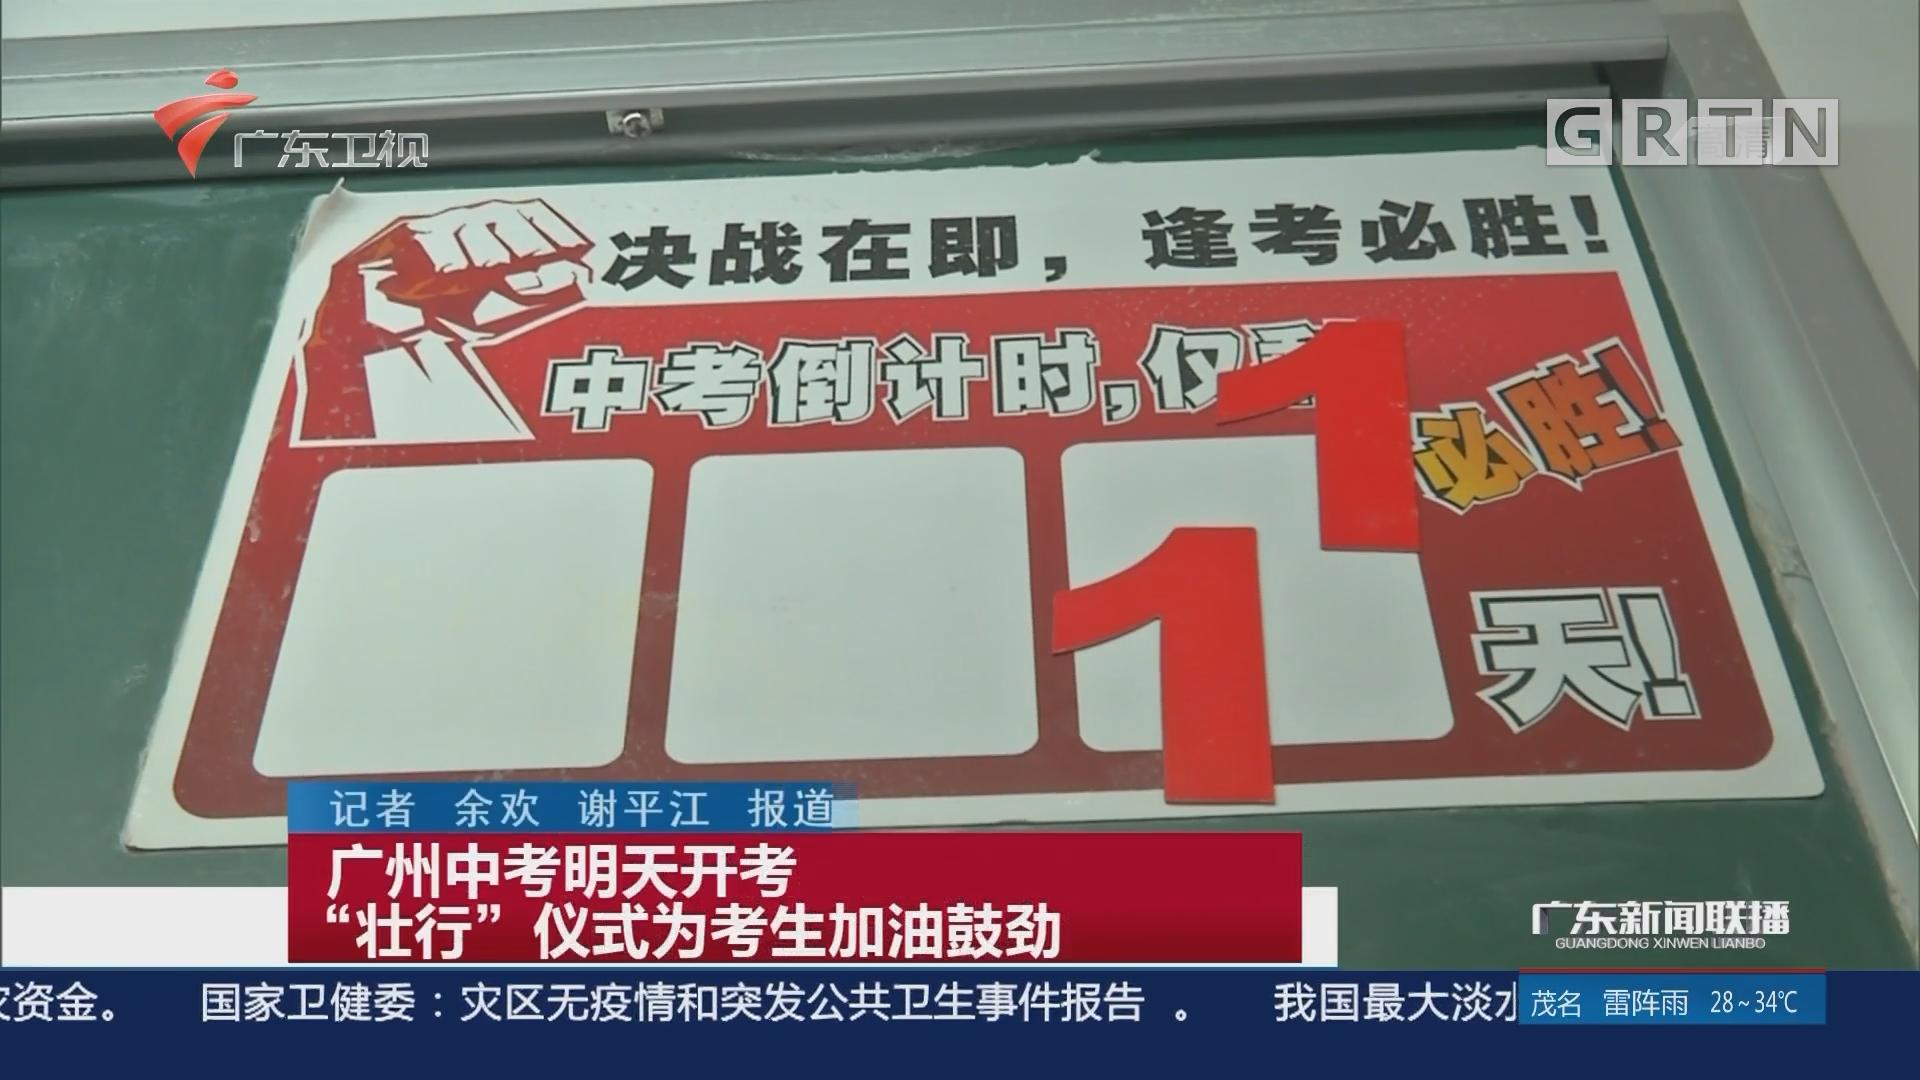 """广州中考明天开考 """"壮行""""仪式为考生加油鼓劲"""